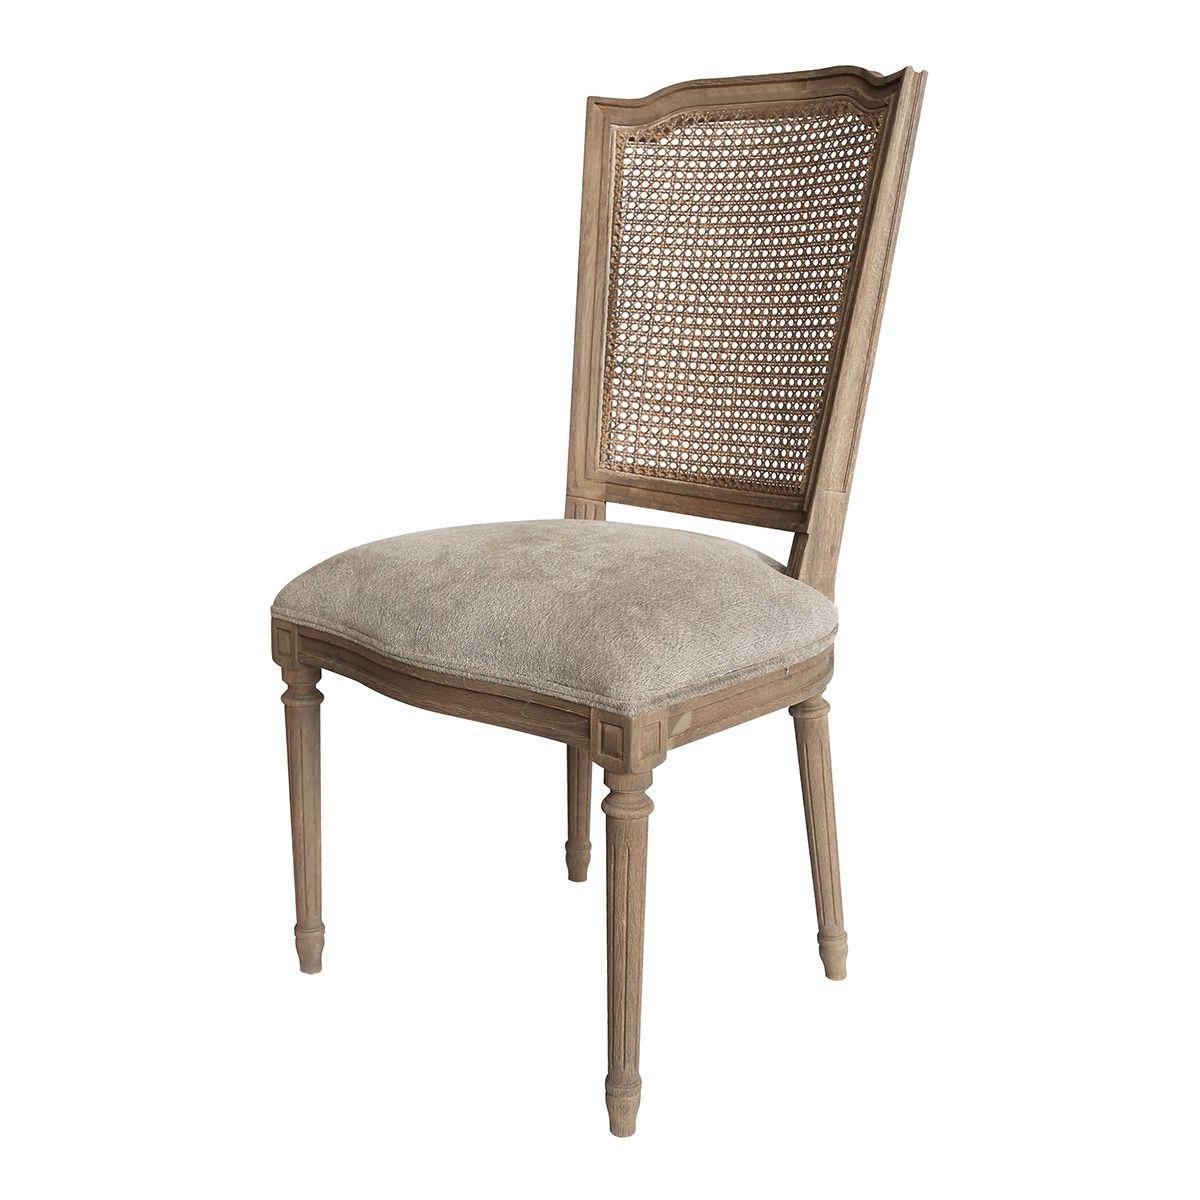 Corte Ingles Sillas E6d5 Silla De Edor Country El Corte Inglà S Chairs In 2018